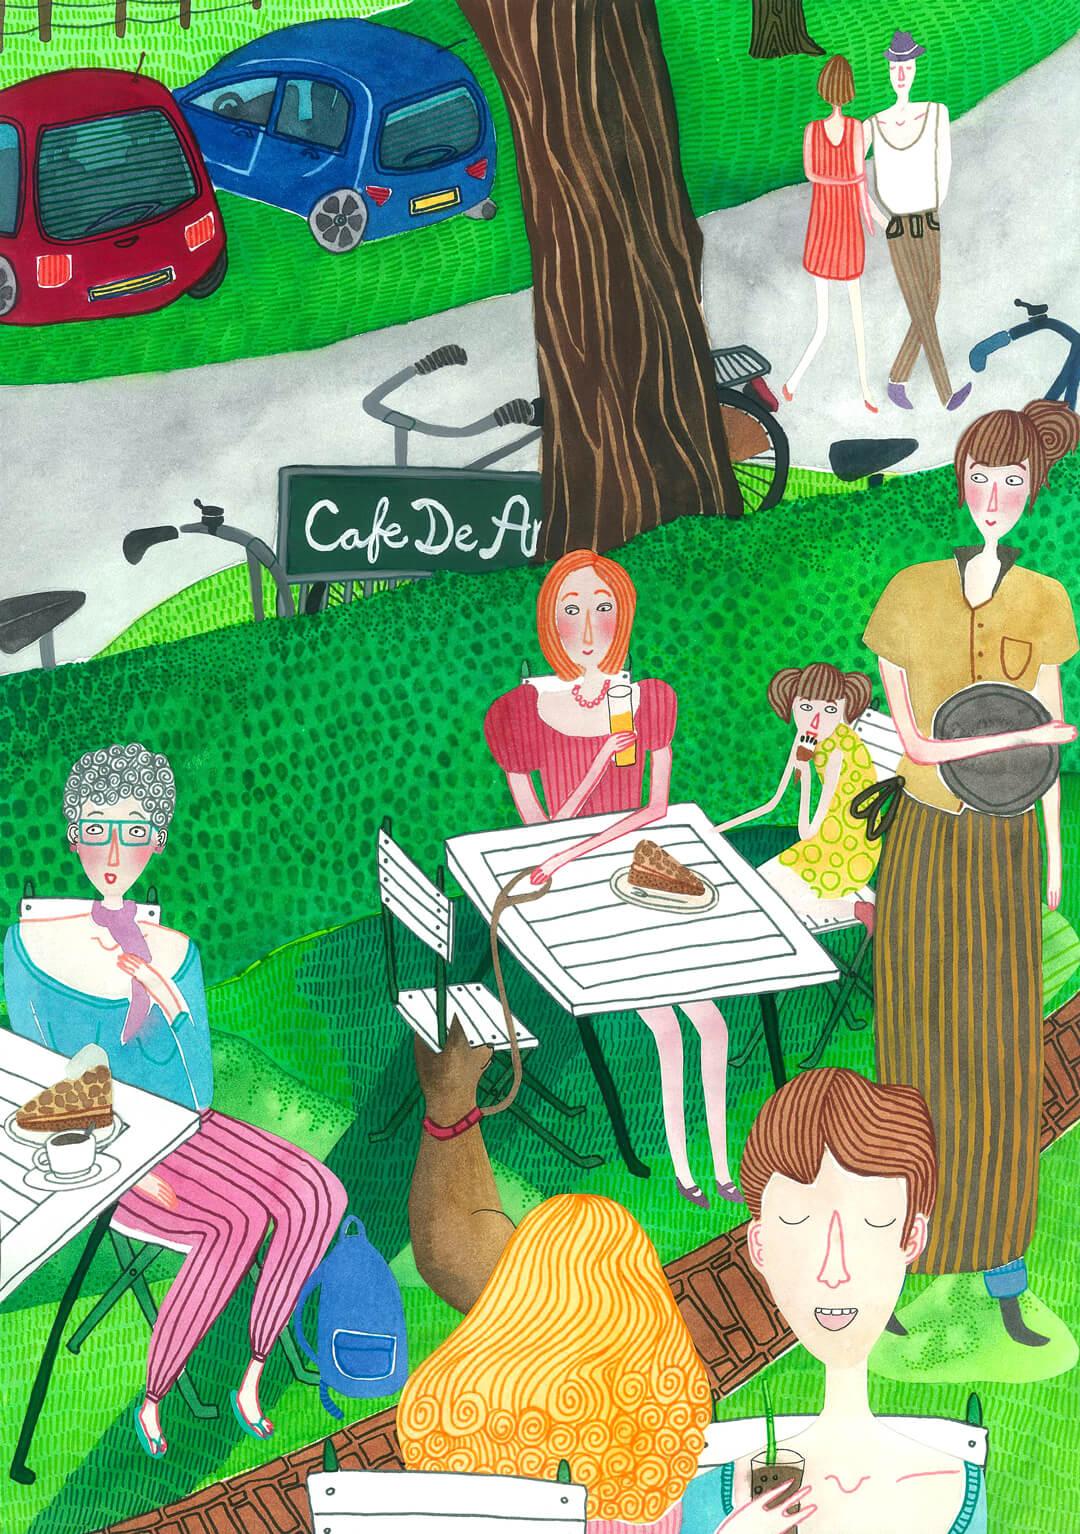 Sanne Bruinsma Illustraties & Vormgeving cultureel cafe De Amer Amen muziek terras appeltaart buiten Drenthe natuur